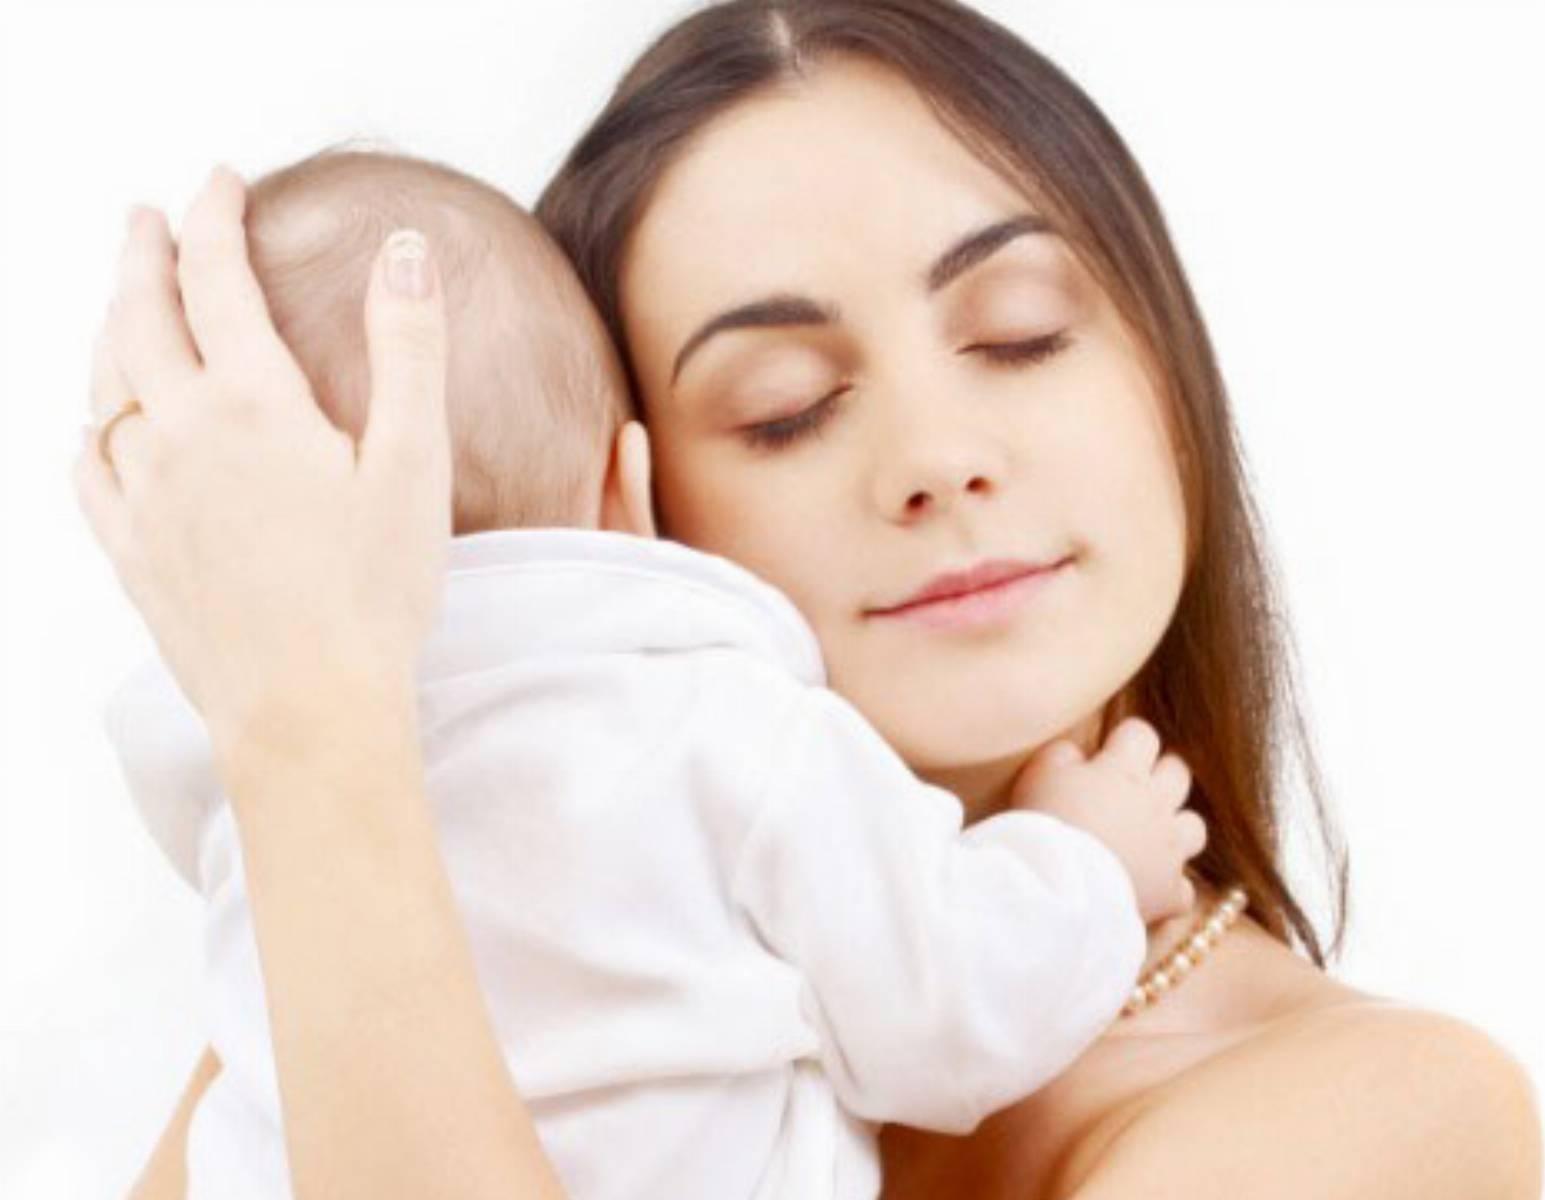 Przytulanie niemowlaka